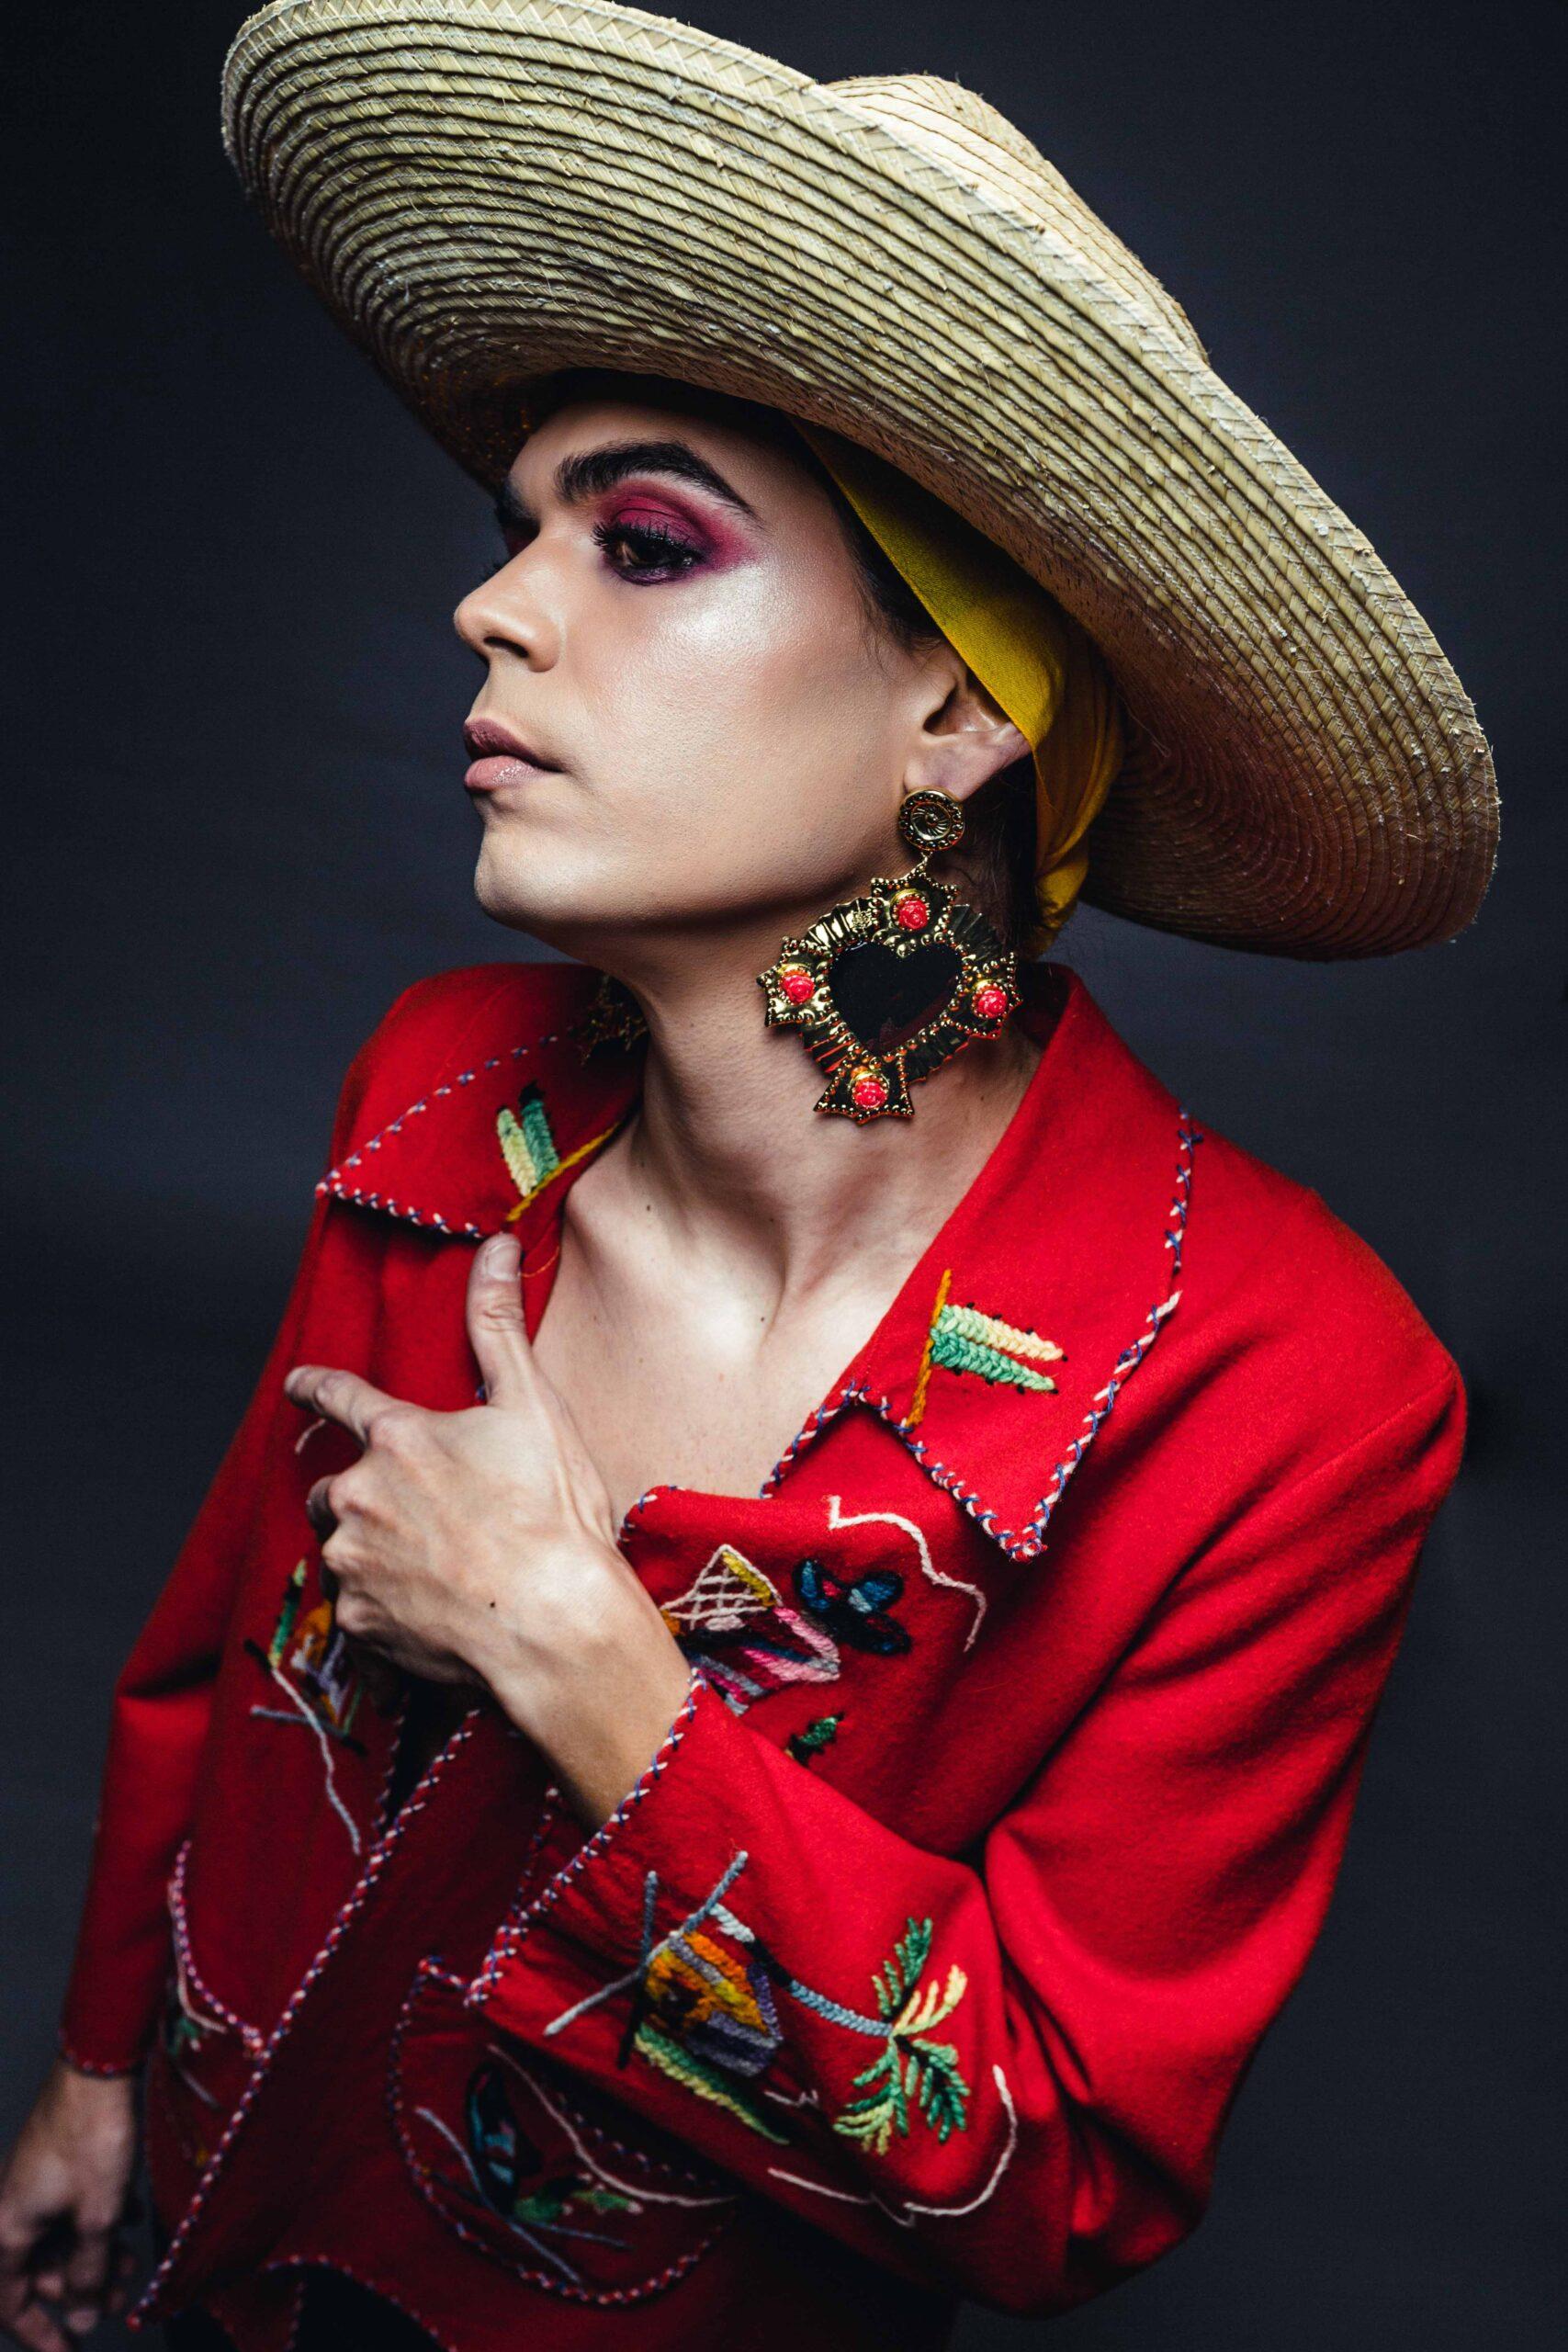 NICODESIGN_EL MEXICO_MEX08-4